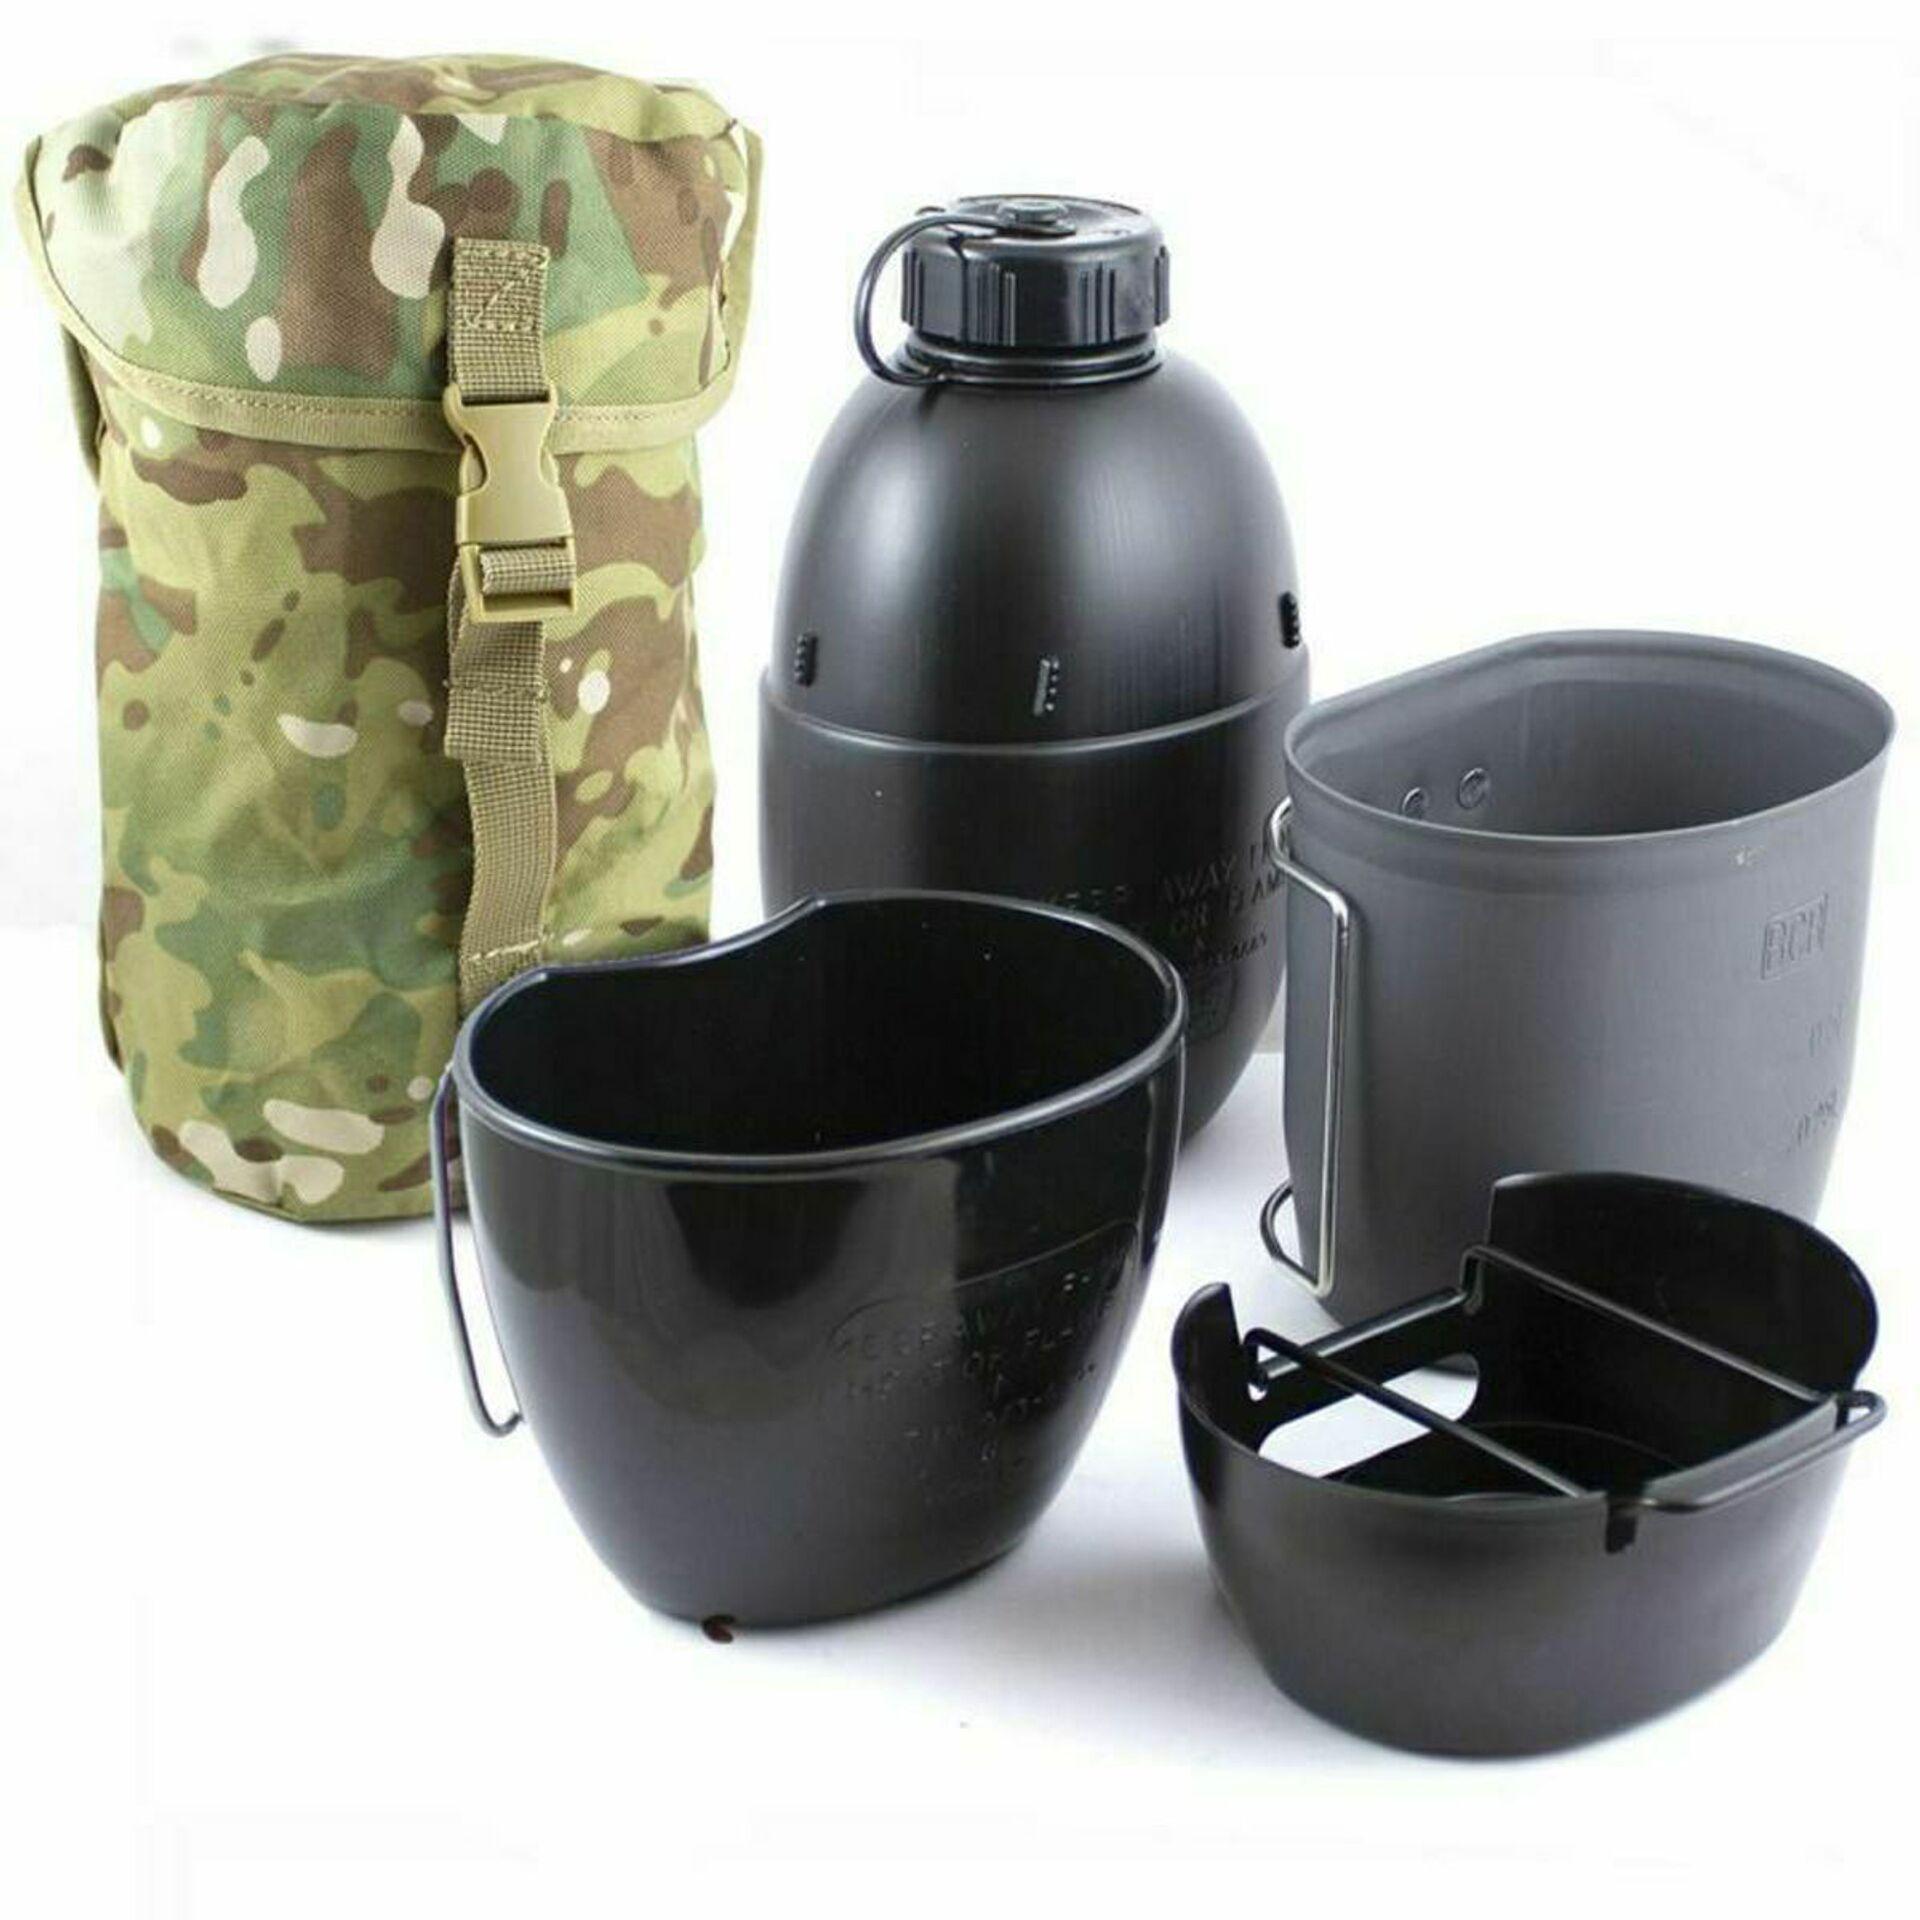 Đặc điểm của bộ dụng cụ ăn uống mới dành cho quân đội Nga. Các quân đội khác sử dụng dụng cụ nào? - Sputnik Việt Nam, 1920, 21.03.2021